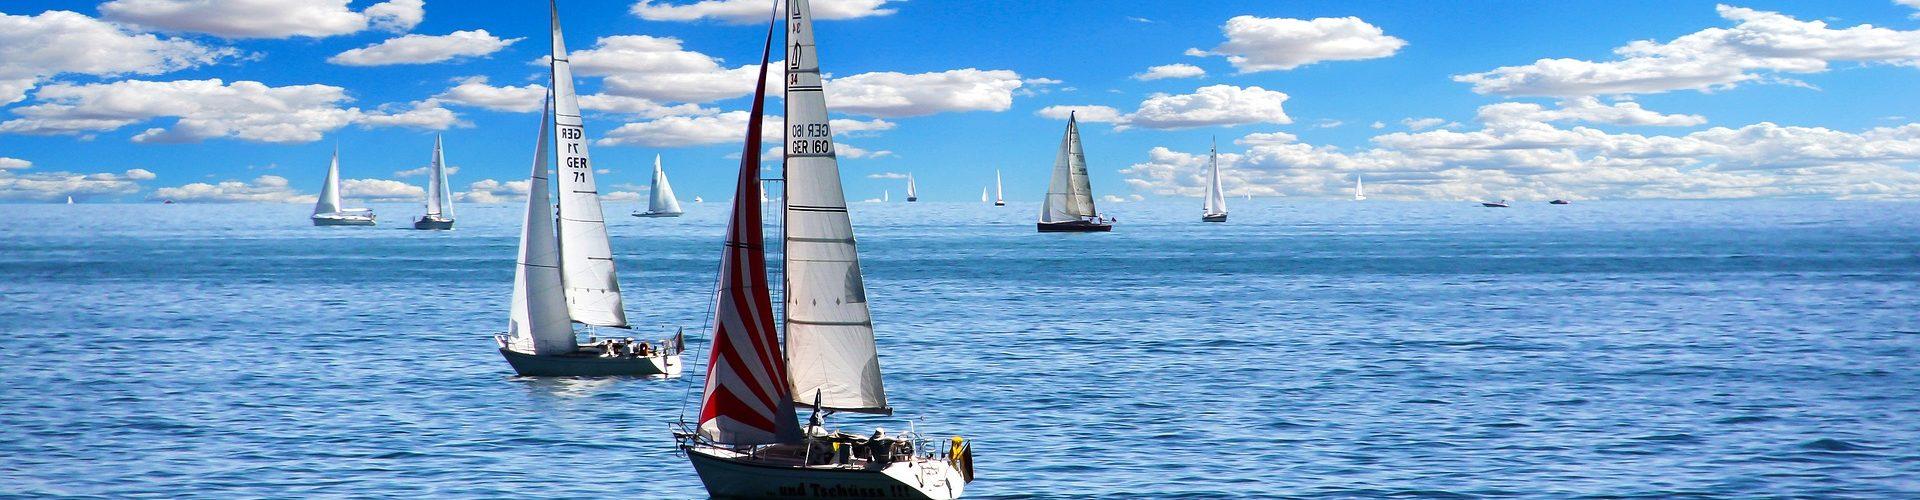 segeln lernen in Heroldishausen segelschein machen in Heroldishausen 1920x500 - Segeln lernen in Heroldishausen